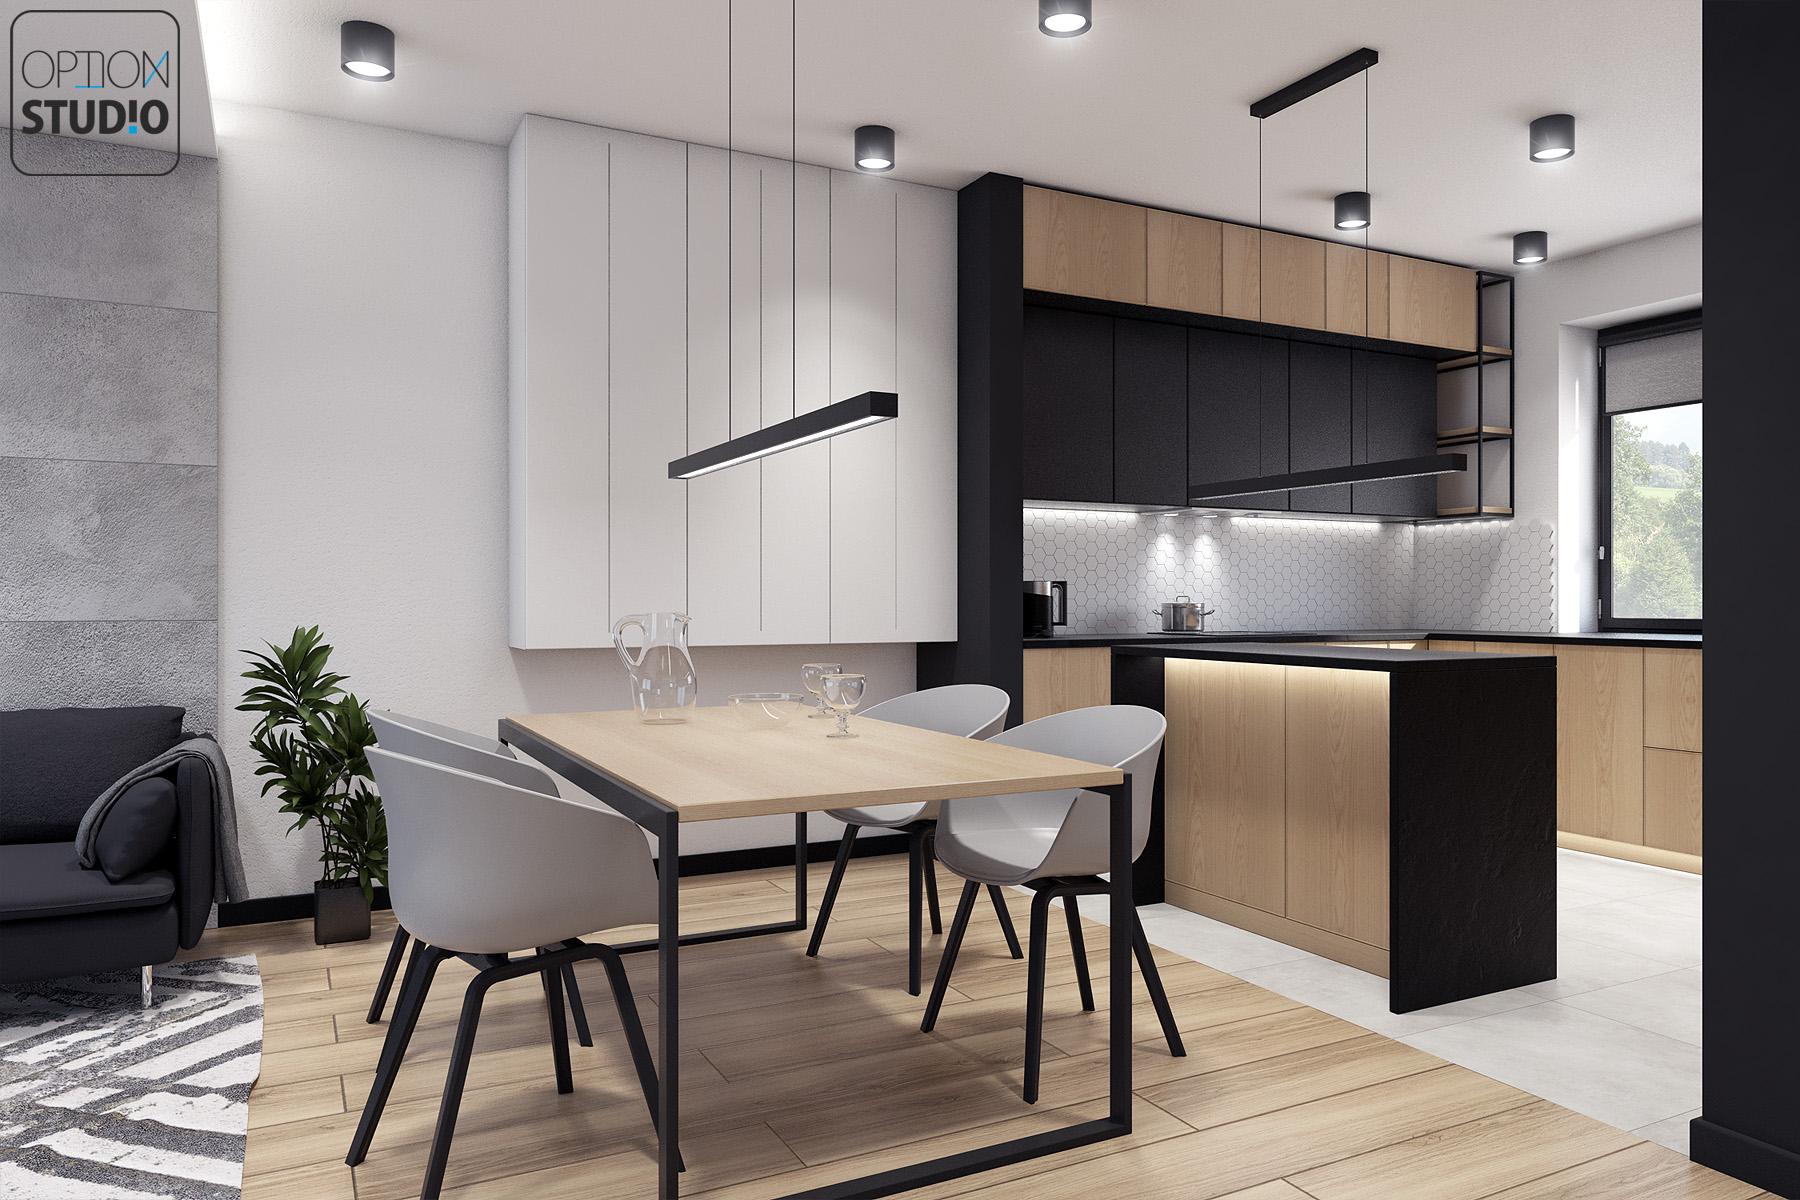 Architekt wnętrz - projekty wnętrz nowoczesnych - salon z aneksem kuchennym - aranżacje wnętrz domu pod Łodzią 3A